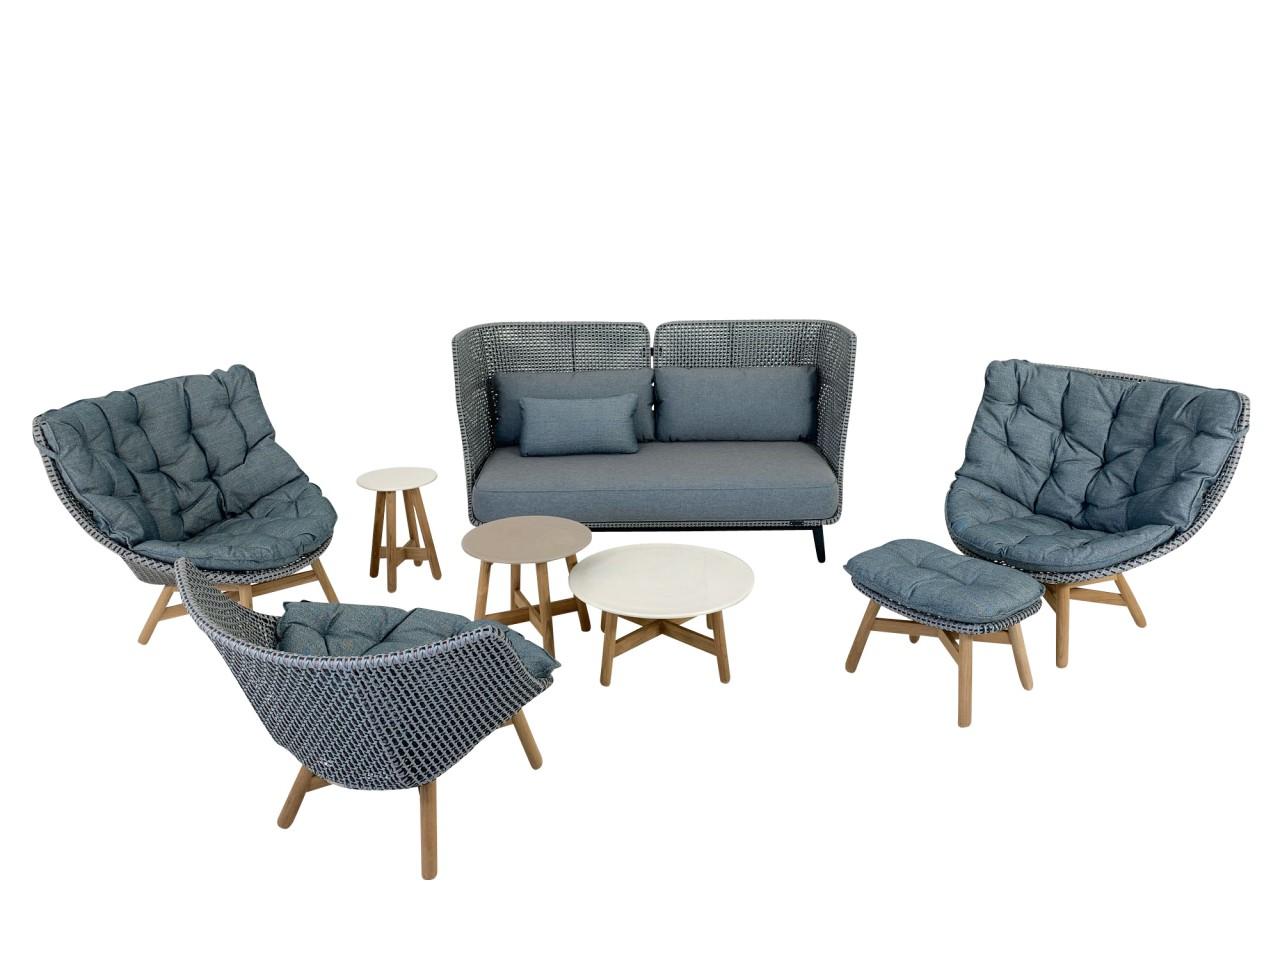 DEDON MBARQ Sofa und DEDON MBRACE Sessel in baltic mit Polstern im Set mit passenden MBRACE Tischen